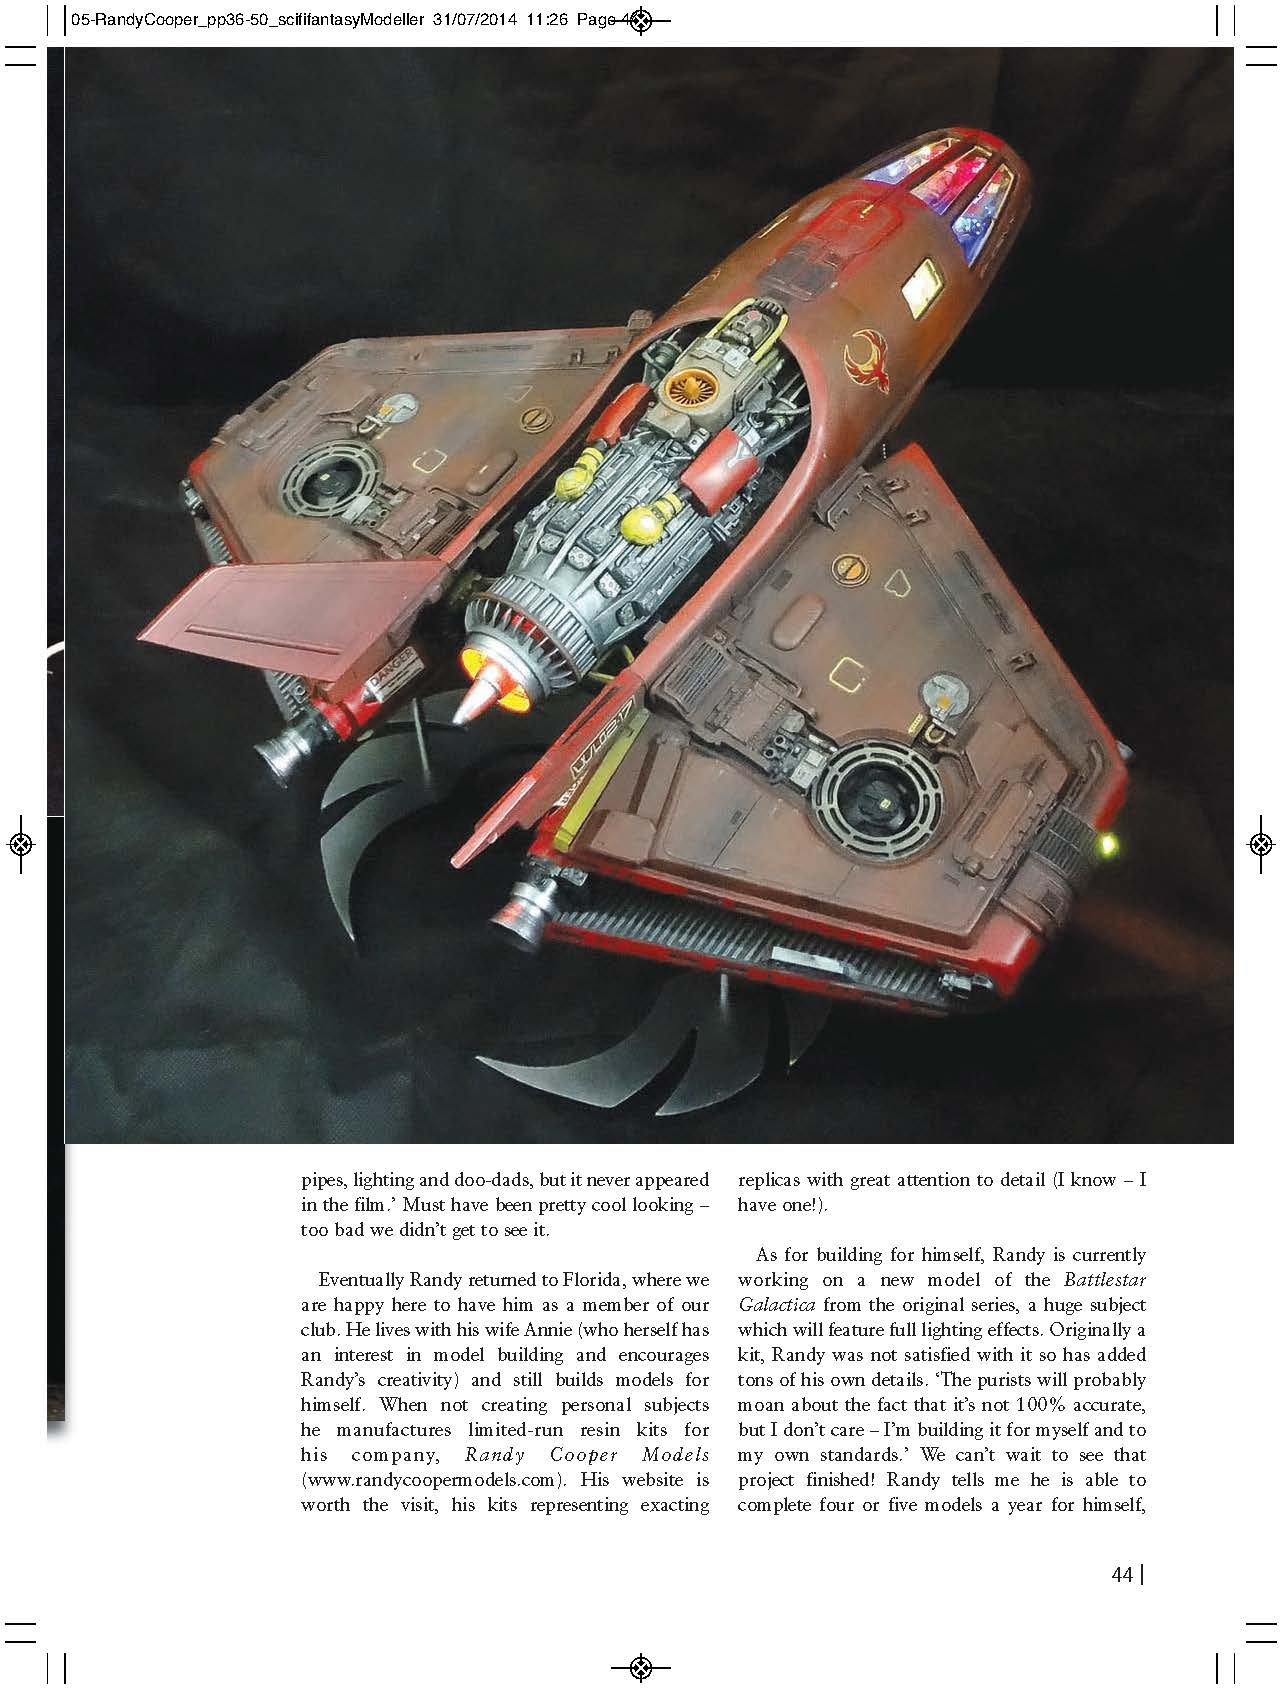 scififantasyModeller 1_Page_09.jpg